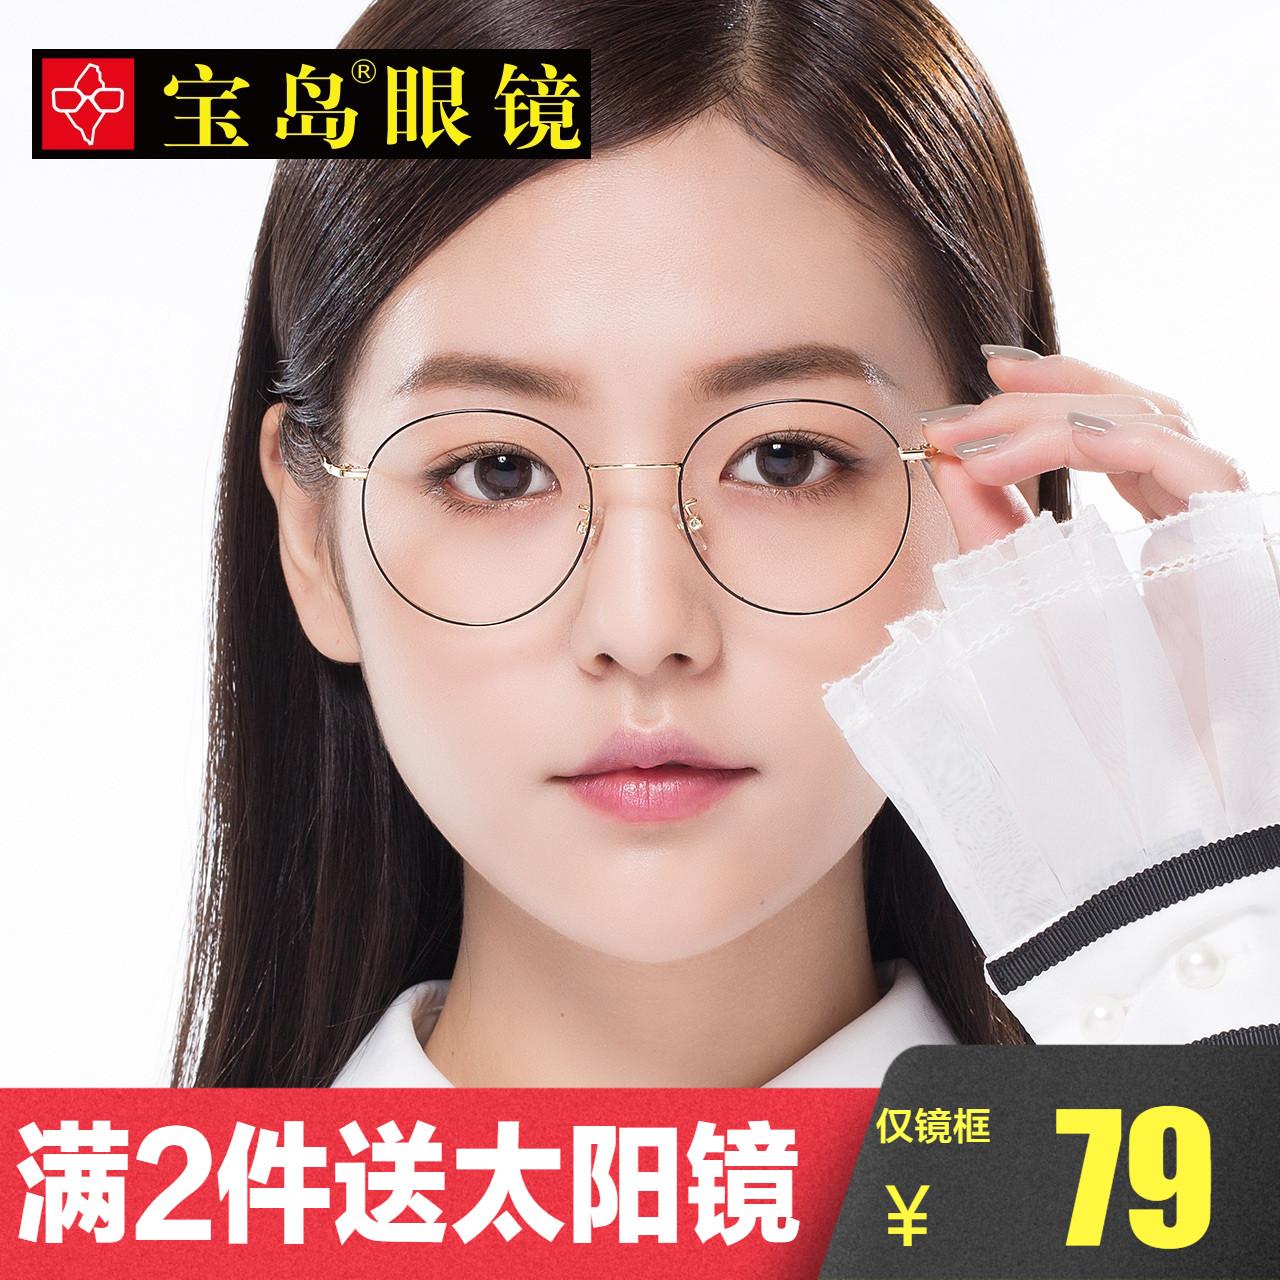 宝岛眼镜 配眼镜近视镜框女超轻圆框大框复古韩版男平光金属镜架